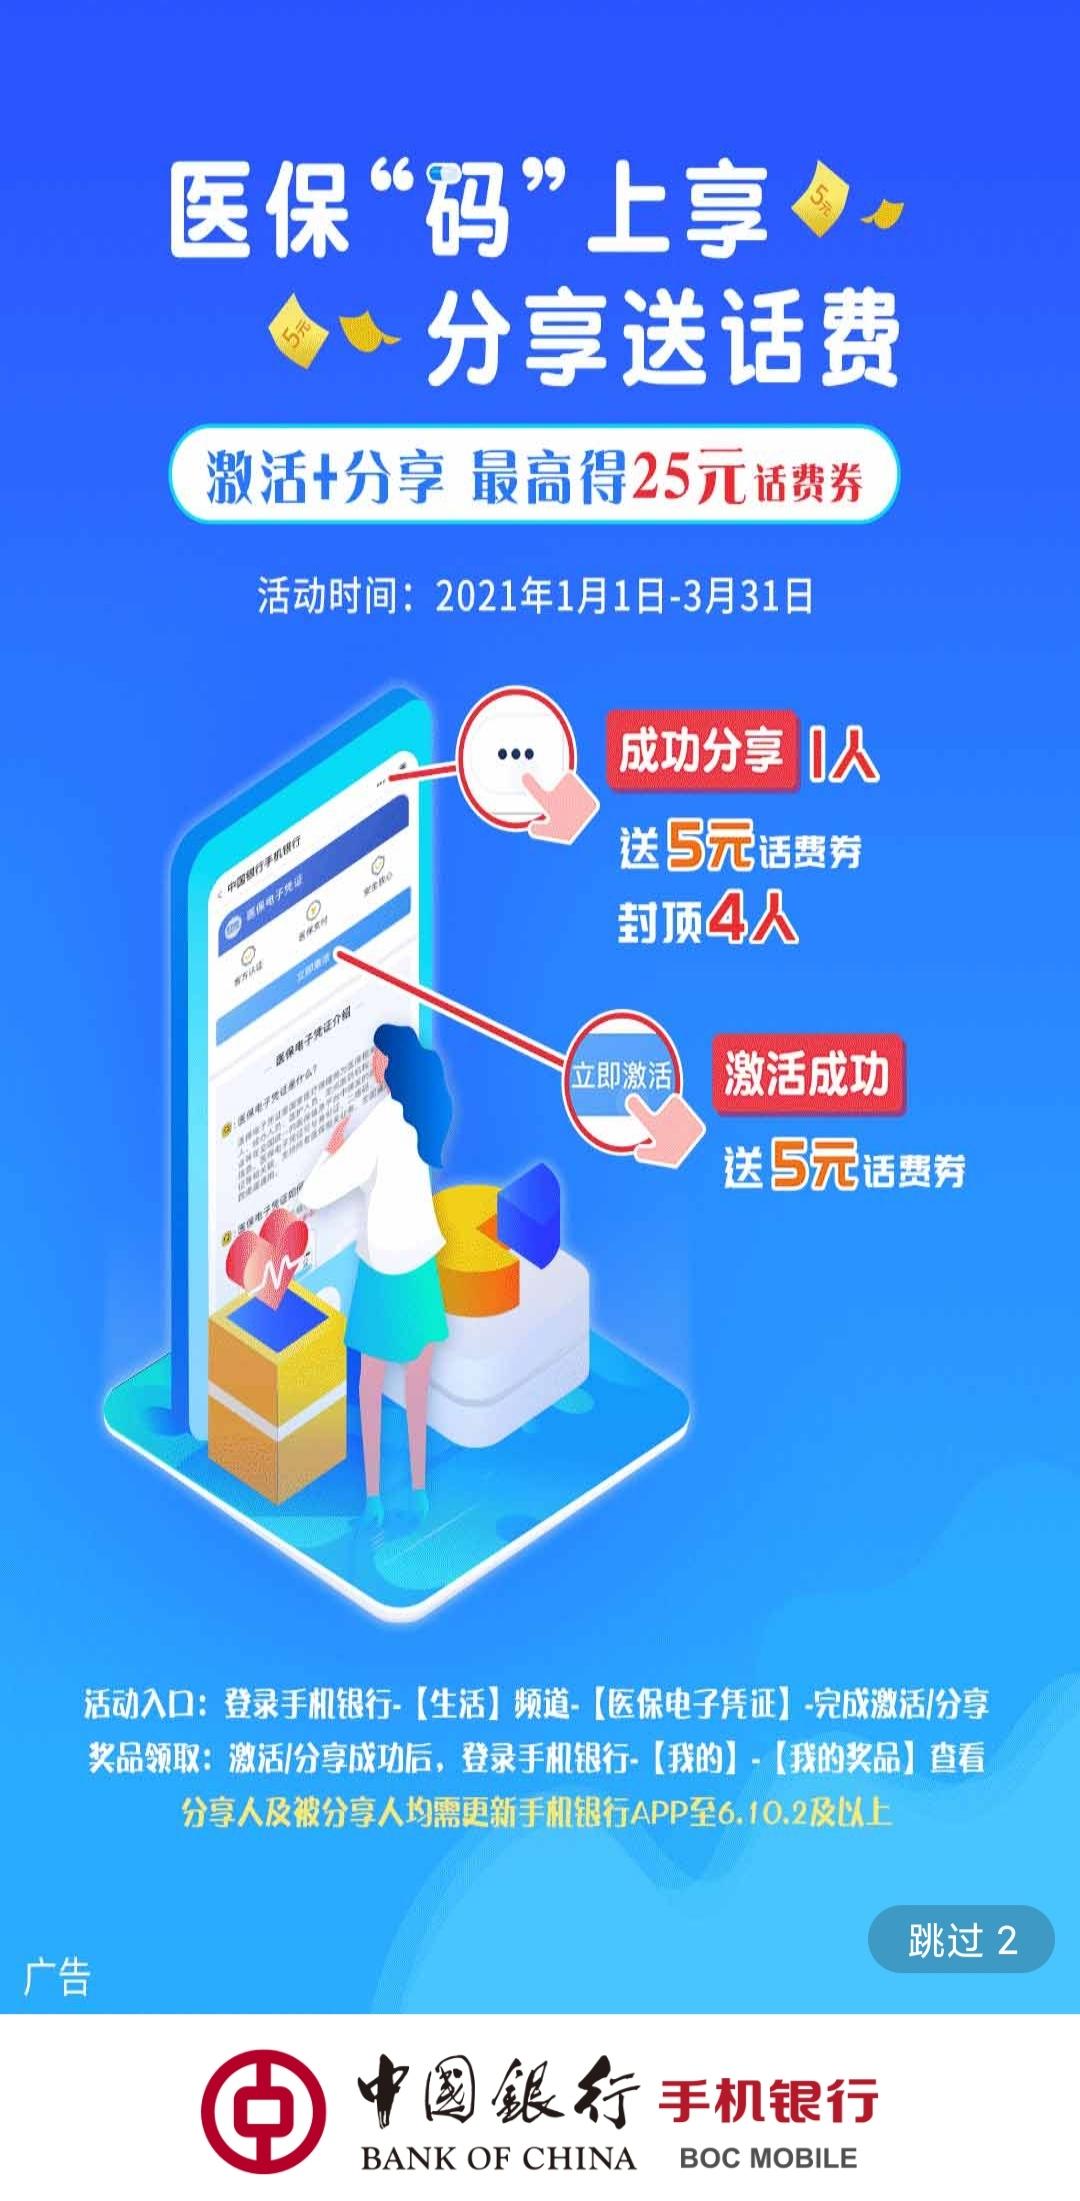 中国银行:医保码上享,分享送话费!